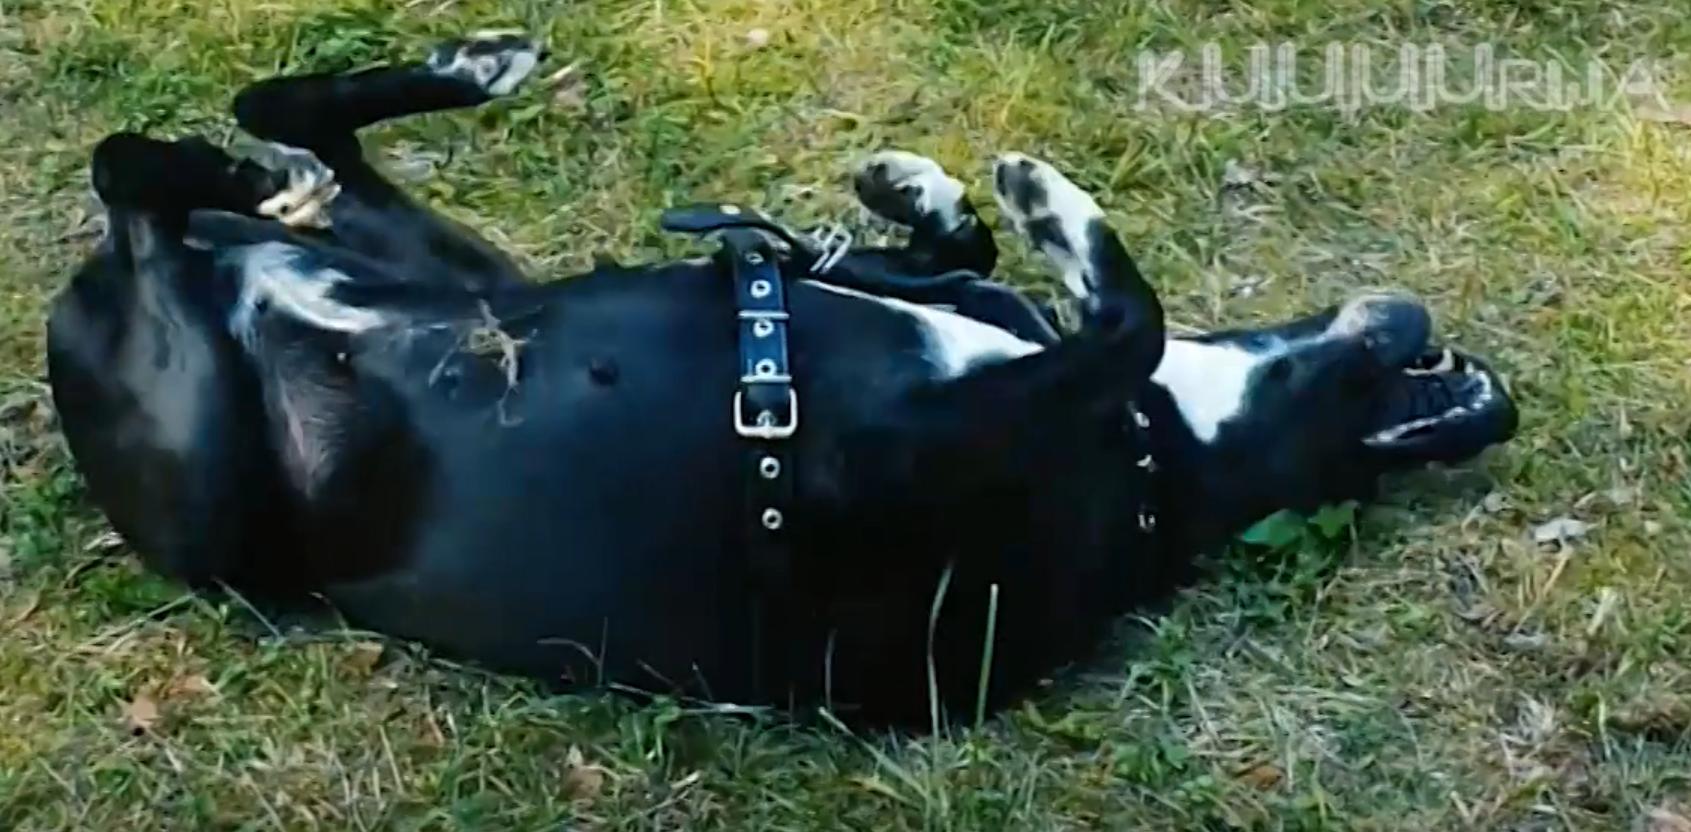 Семья спасла истощенную собаку от алкоголика и асоциала, но полиция на стороне прежнего хозяина